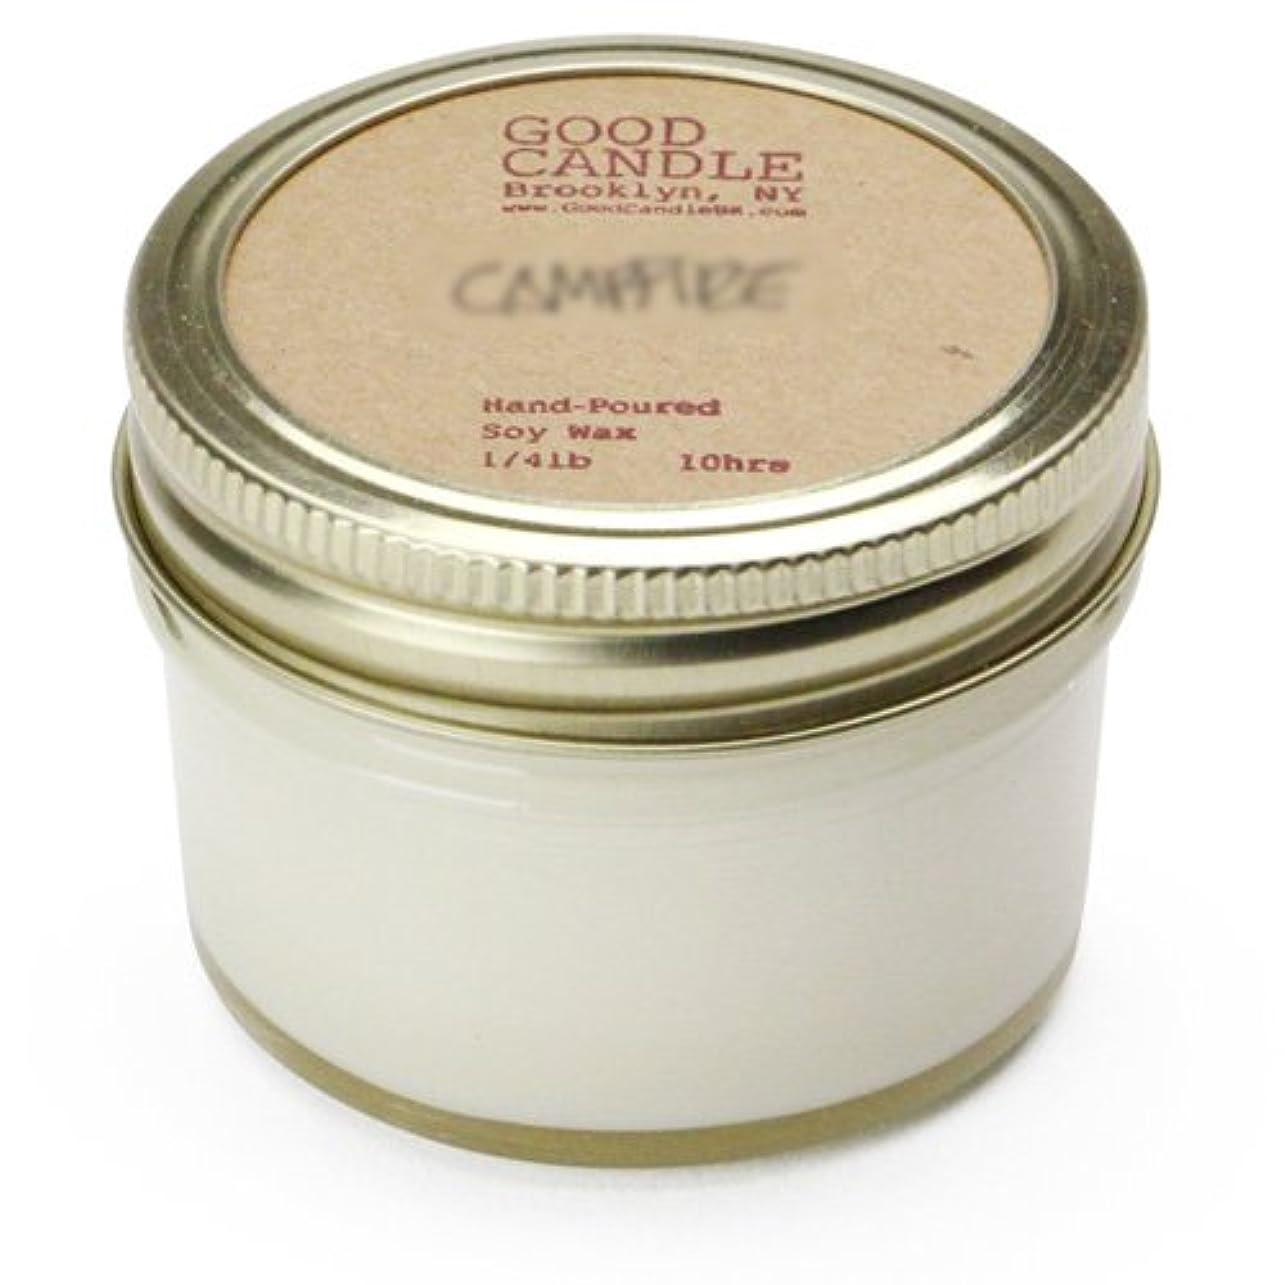 専制ボリューム人差し指グッドキャンドル 1/4ポンド ゼリージャー キャンドル Good Candle 1/4LB Jelly jar candle [ Wash board ] 正規品